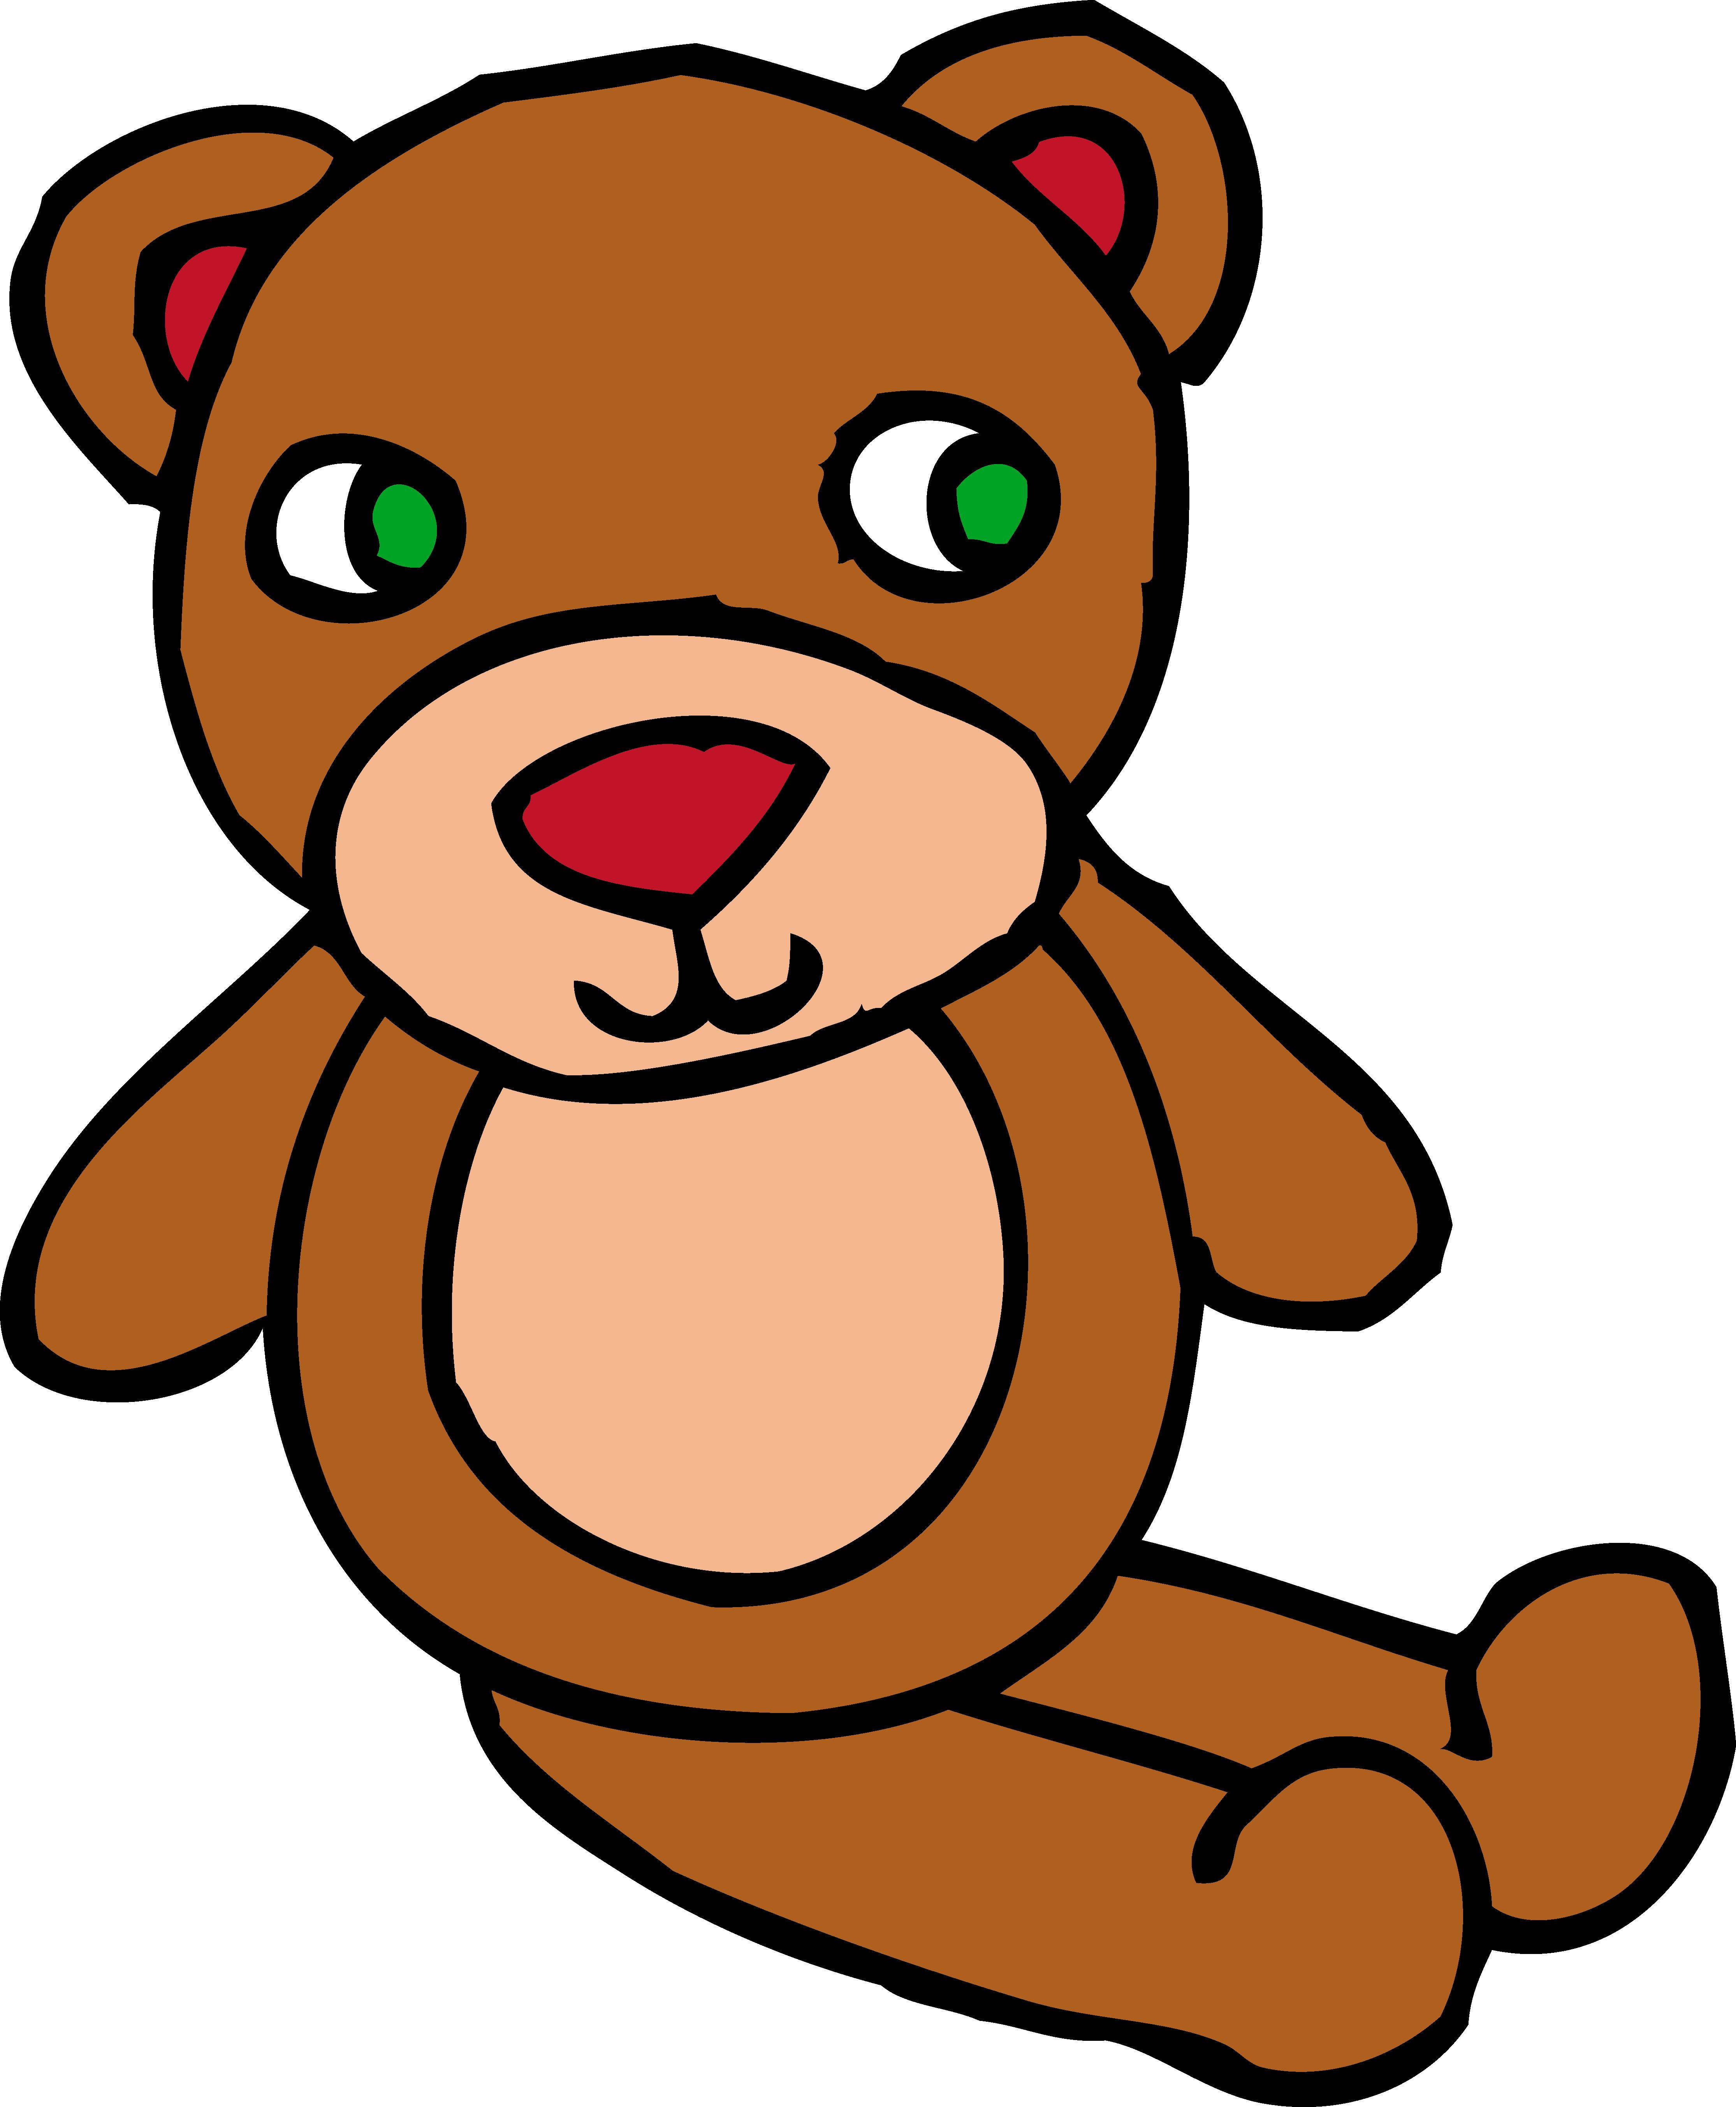 4459x5412 Cute Brown Teddy Bear Toy